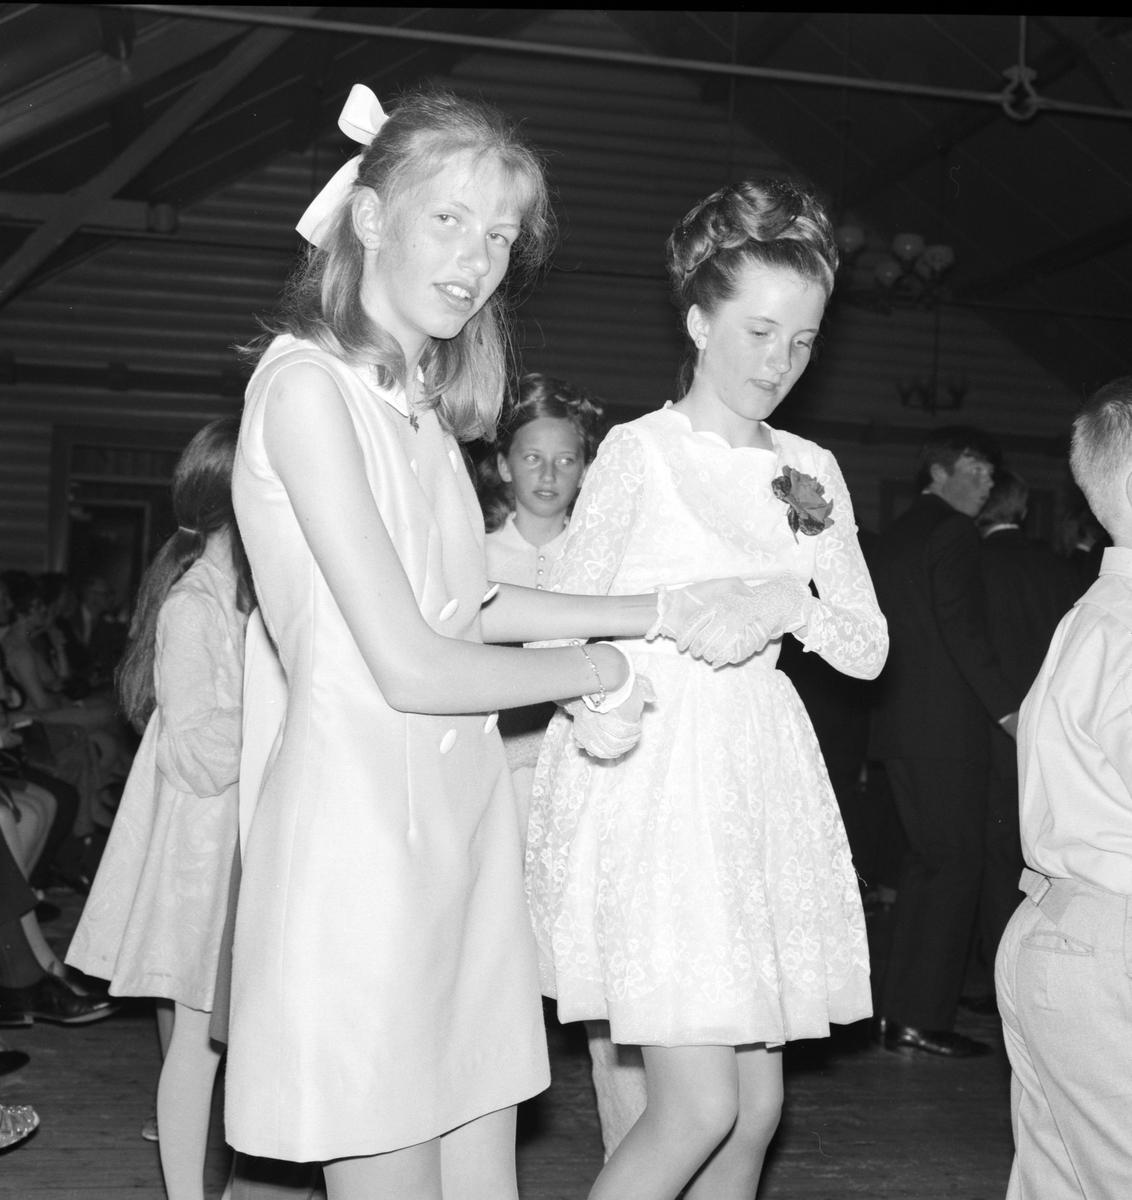 Danseskolen på Veldrom, Veldre, Byflaten. Dans, ball. Barn.